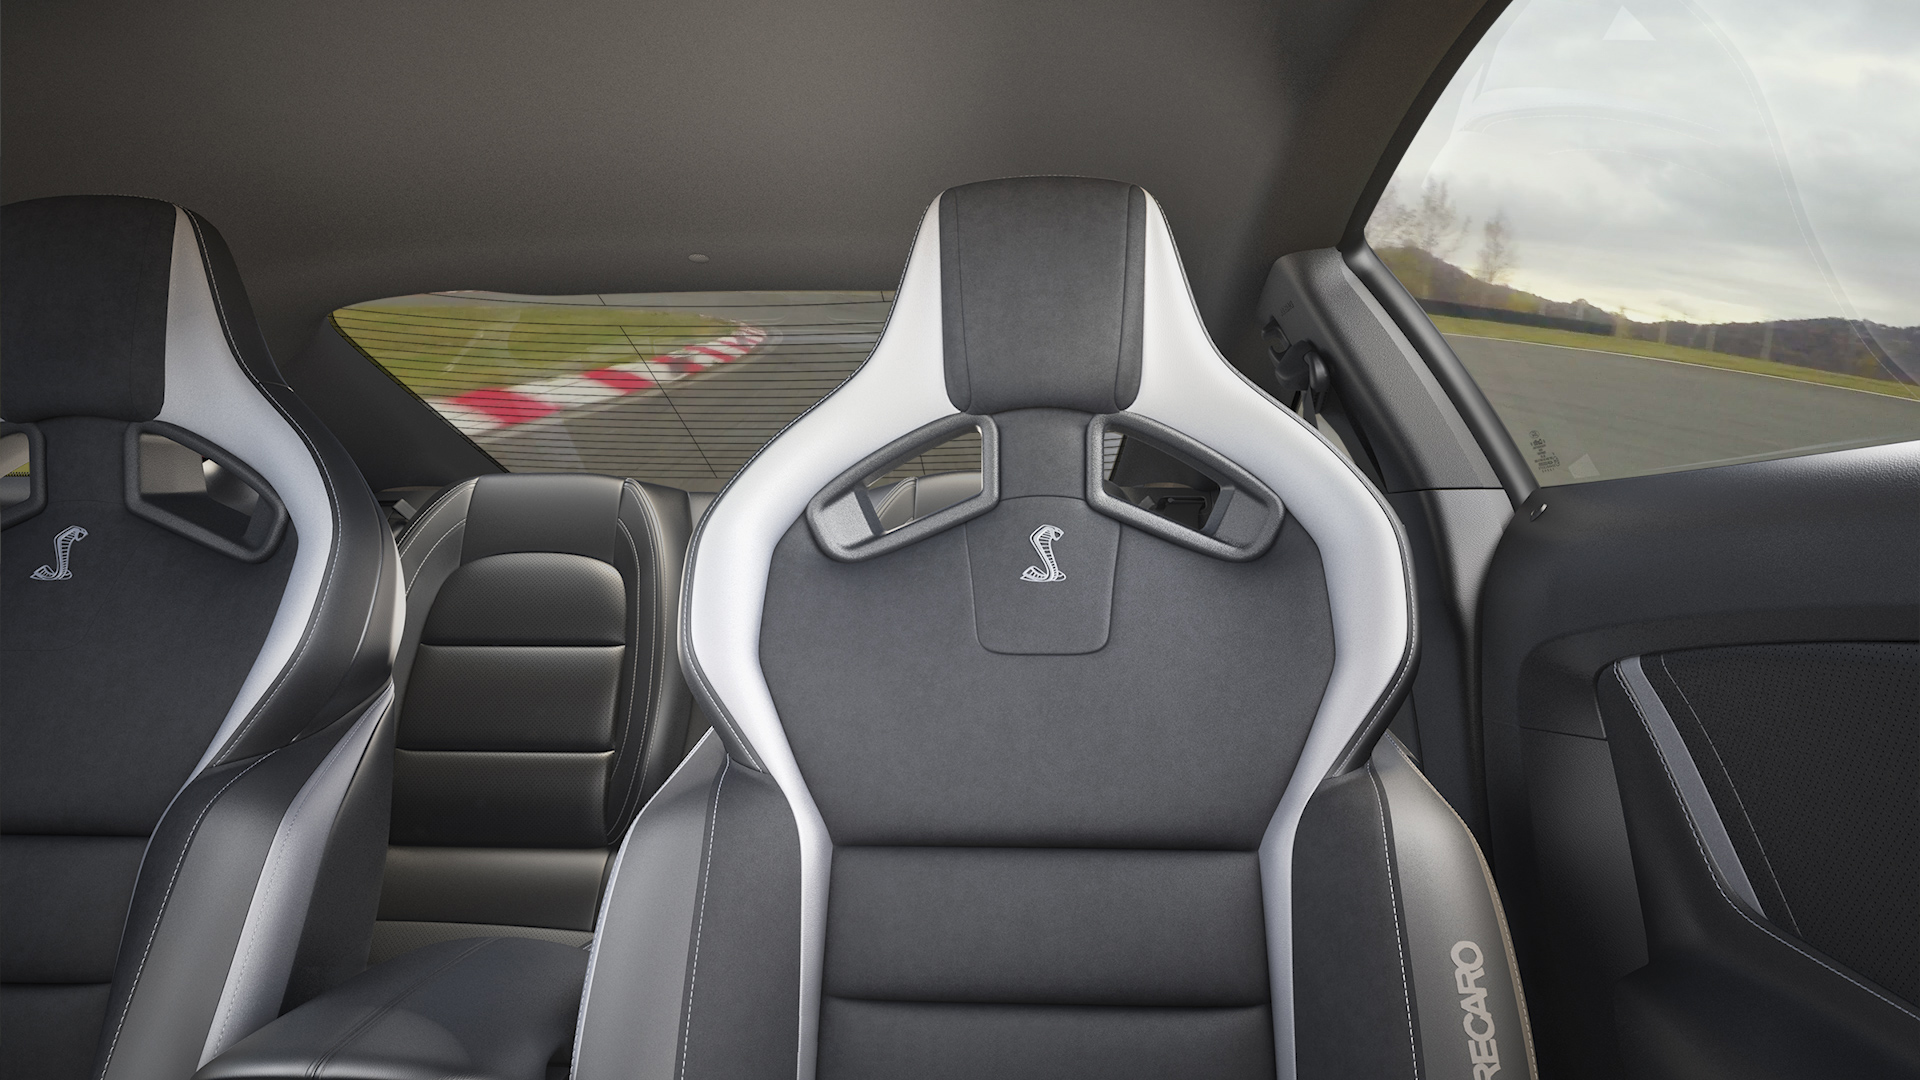 Mustang Shelby GT500 banco do condutor. Fundo virtual gratuito para Zoom, Microsoft Teams, Skype, Google Meet e WebEx ou qualquer outra aplicação compatível.